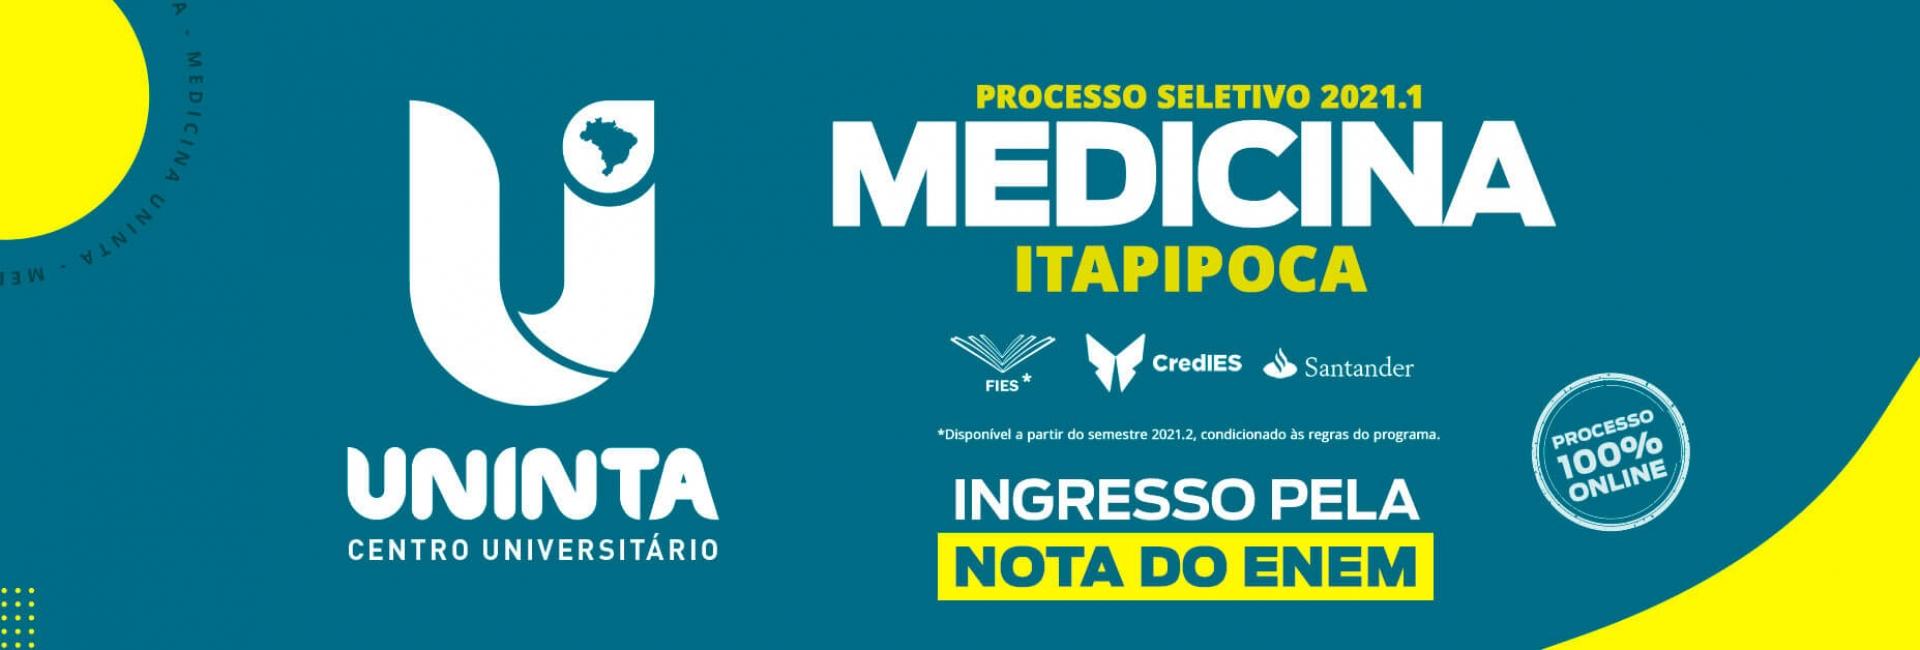 medicina-itapipoca-banner-uninta-01-tinified